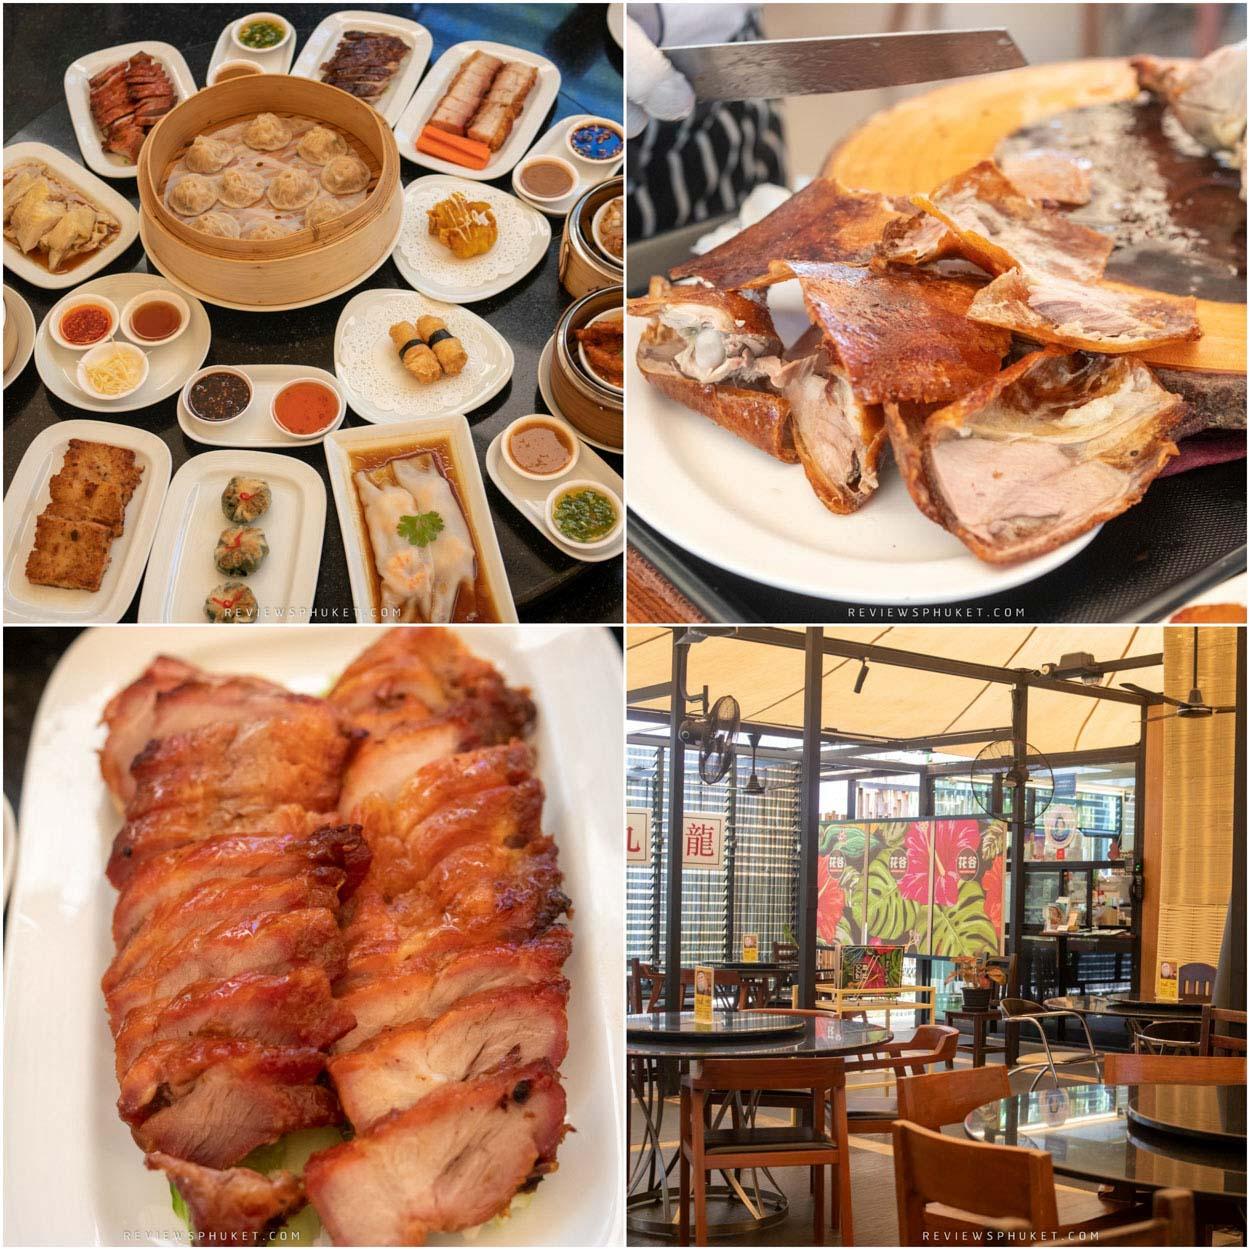 ฮว่ากู่ ติ่มซำ ภูเก็ต อาหารจีนกวางตุ้ง สูตรโบราณ โอ้ยยย ร้านนี้คือดีย์ที่สุดในสามโลก รสชาติทั้งอร่อย ทั้งราคาถูก